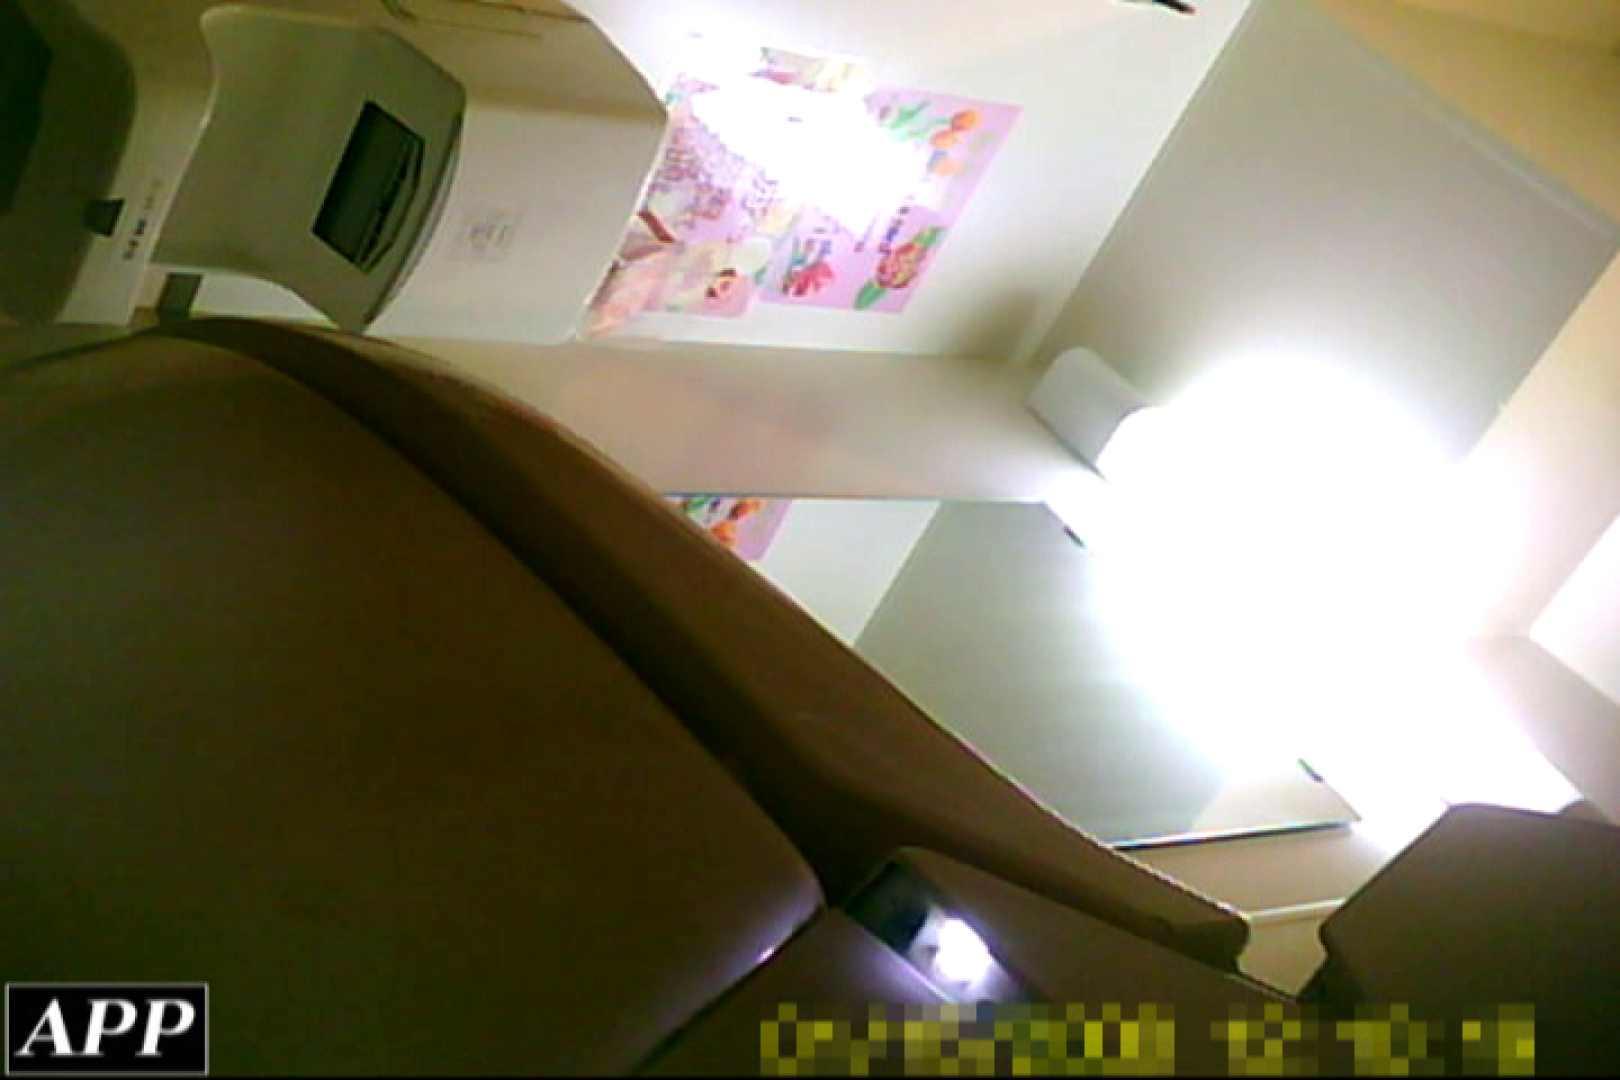 3視点洗面所 vol.126 OLのボディ  54PIX 24